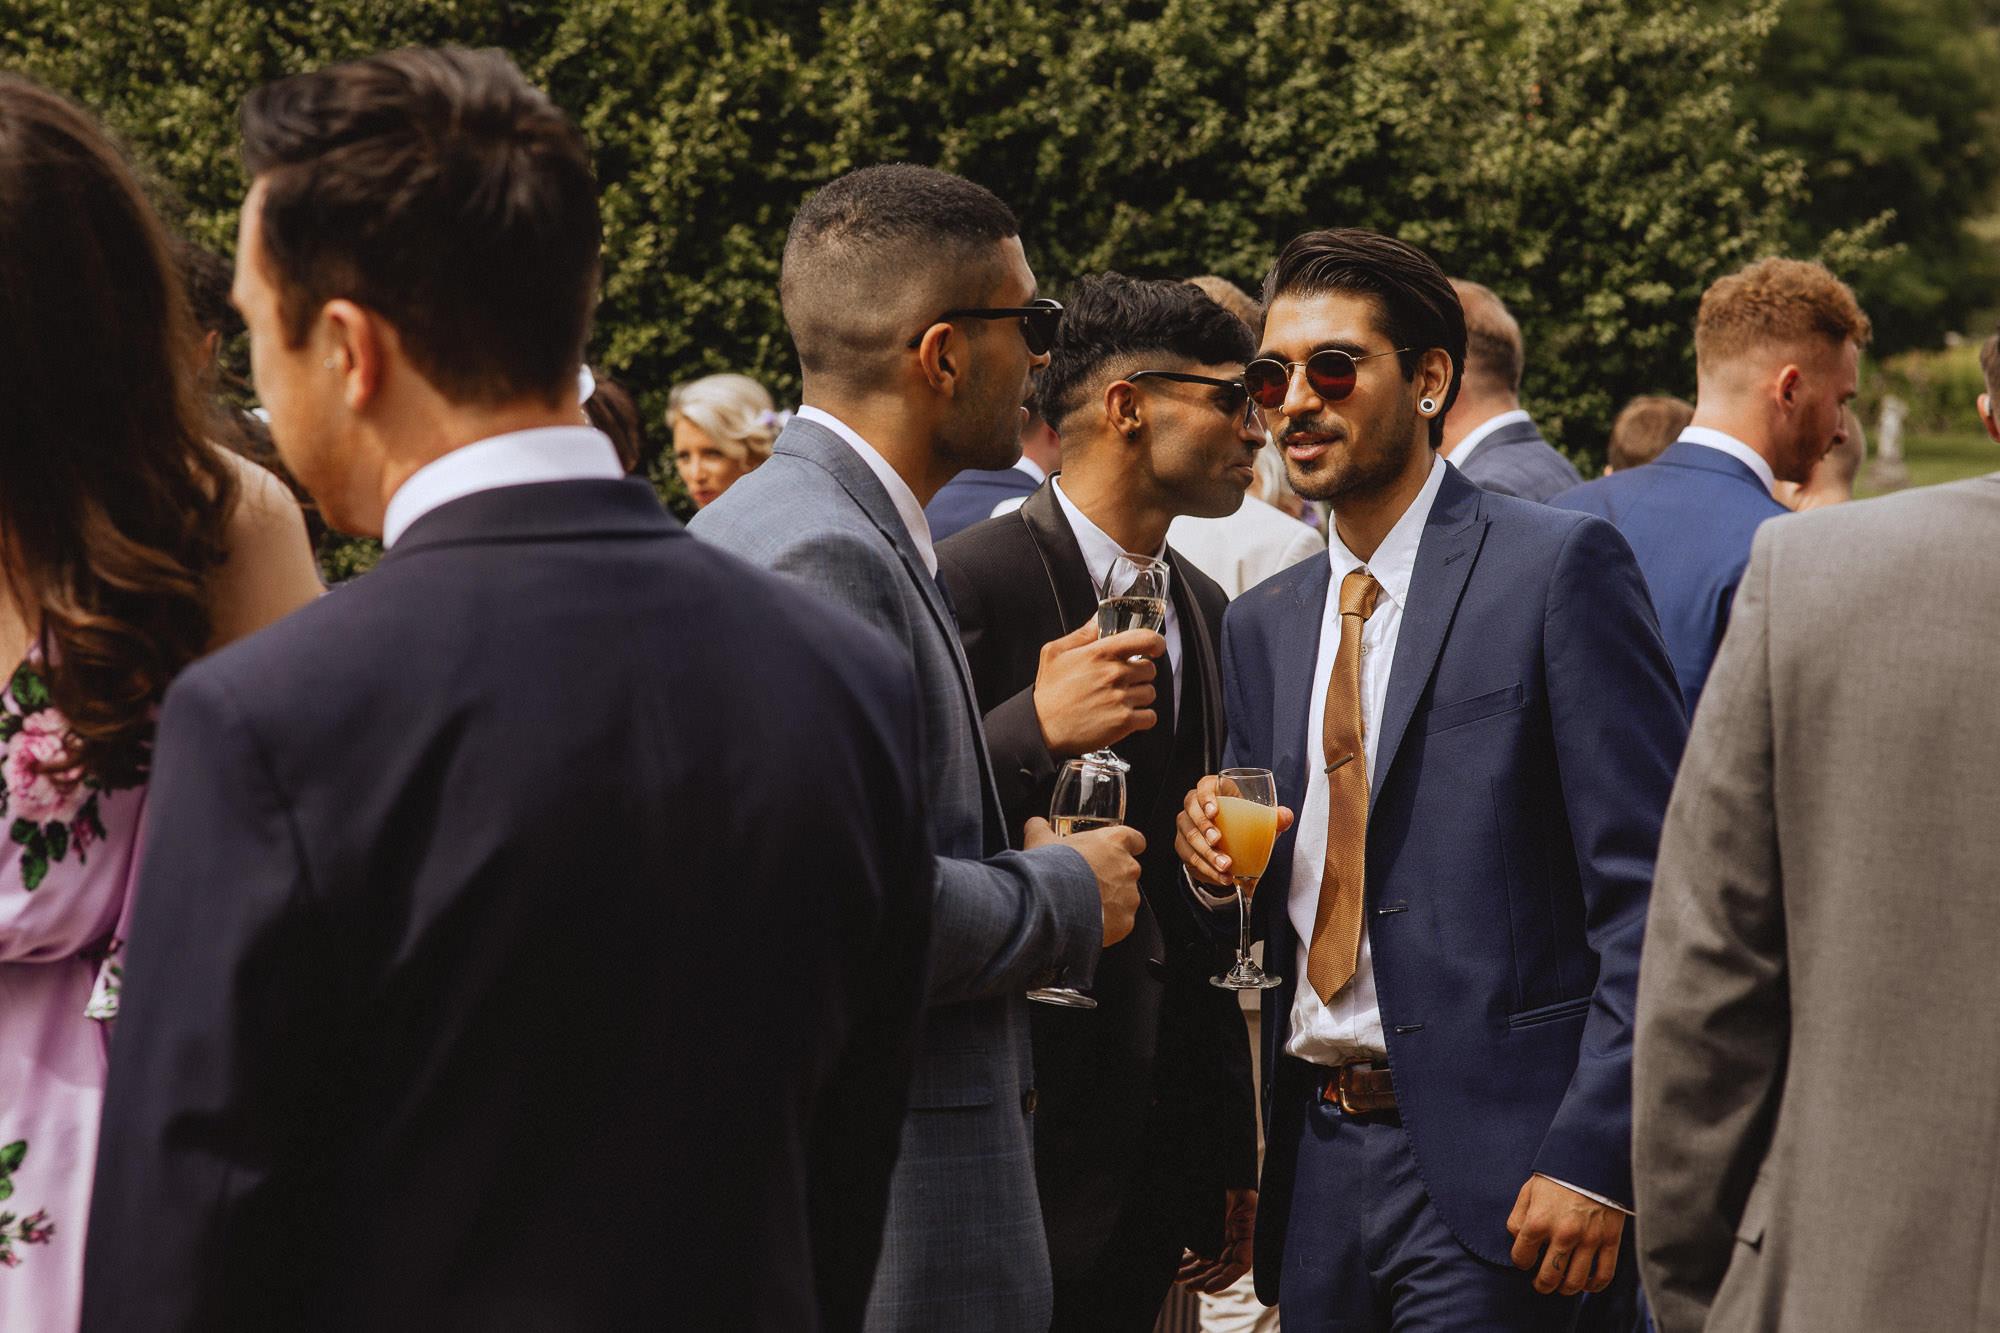 Groombridge-place-wedding-photography-43.jpg